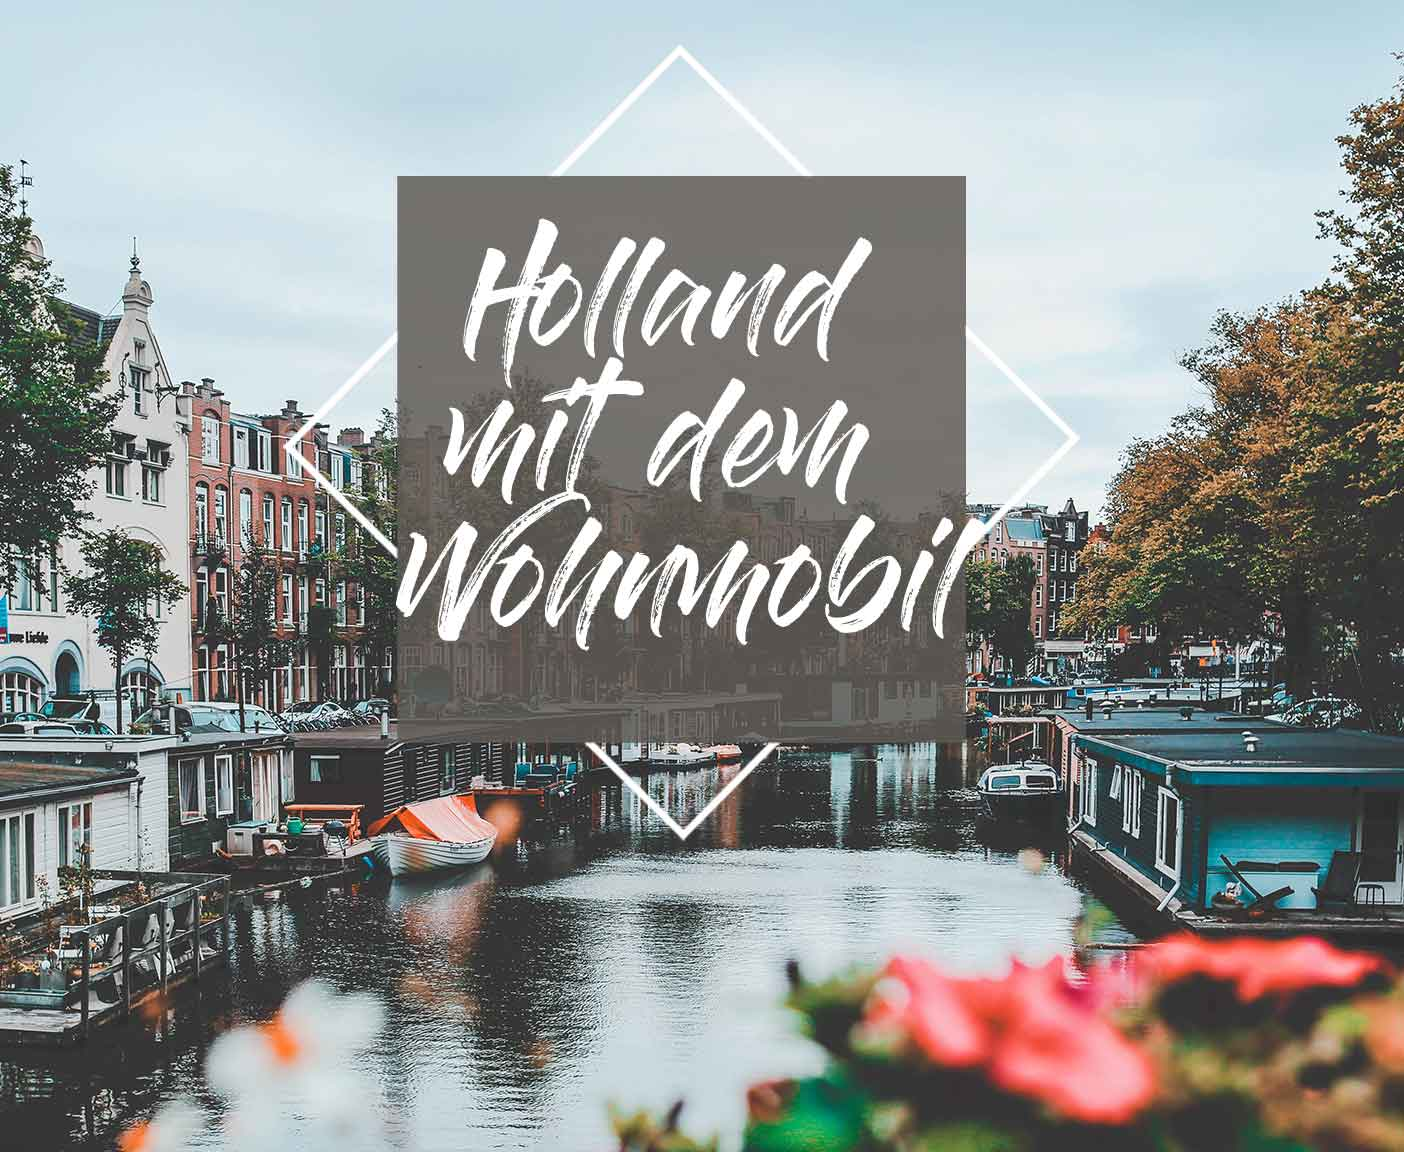 Holland mit dem Wohnmobil - so geht die Reise in die Niederlande